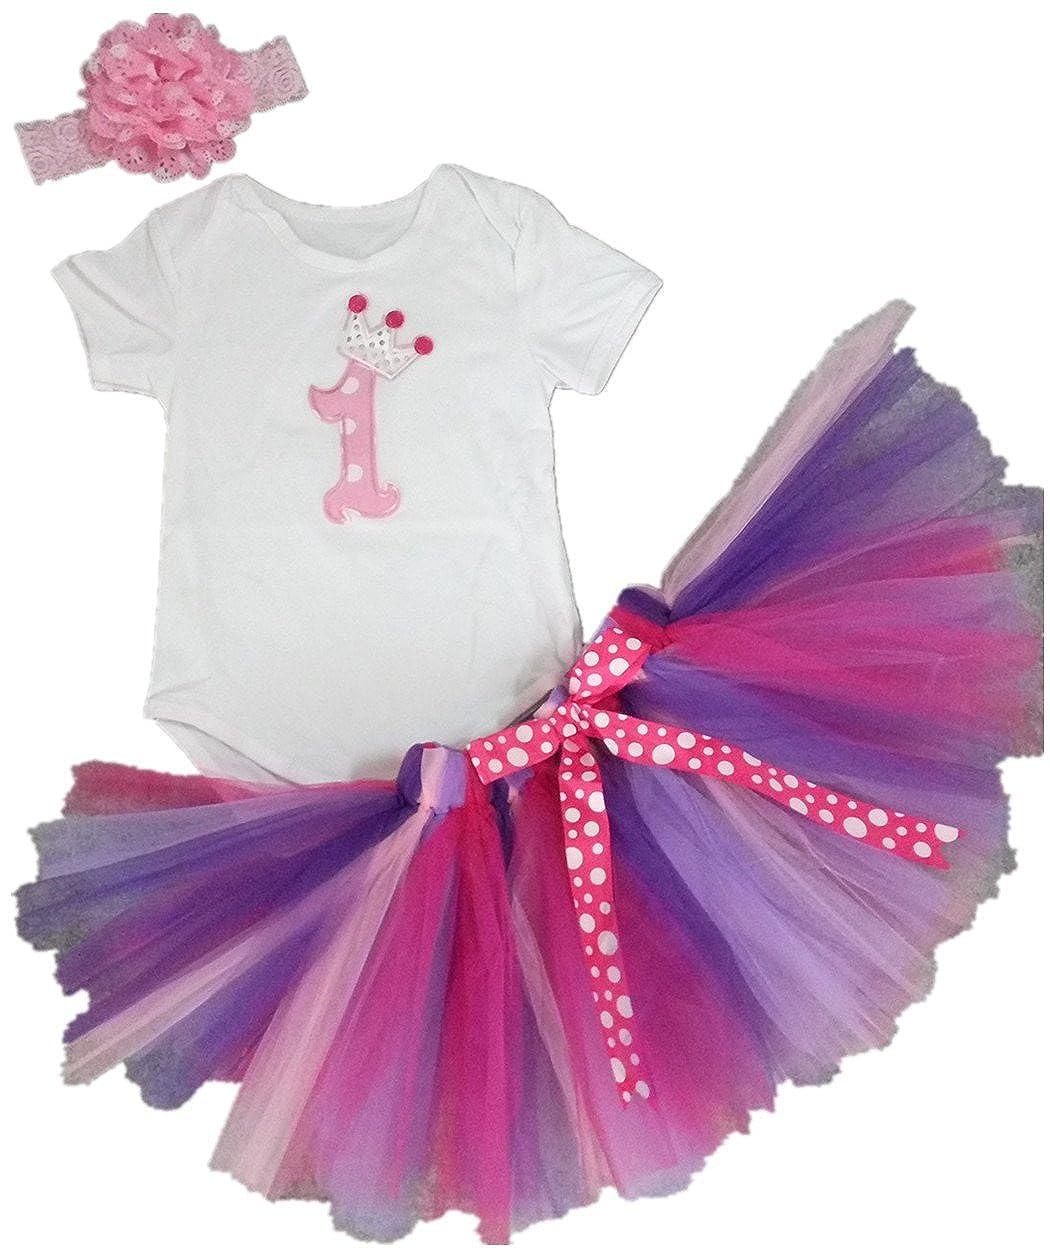 公式 AISHIONY DRESS ベビーガールズ 9 DRESS 9 - 12 Months Pink Flower Pink B01GRDMZQA, カウくる:4b5653c3 --- quiltersinfo.yarnslave.com